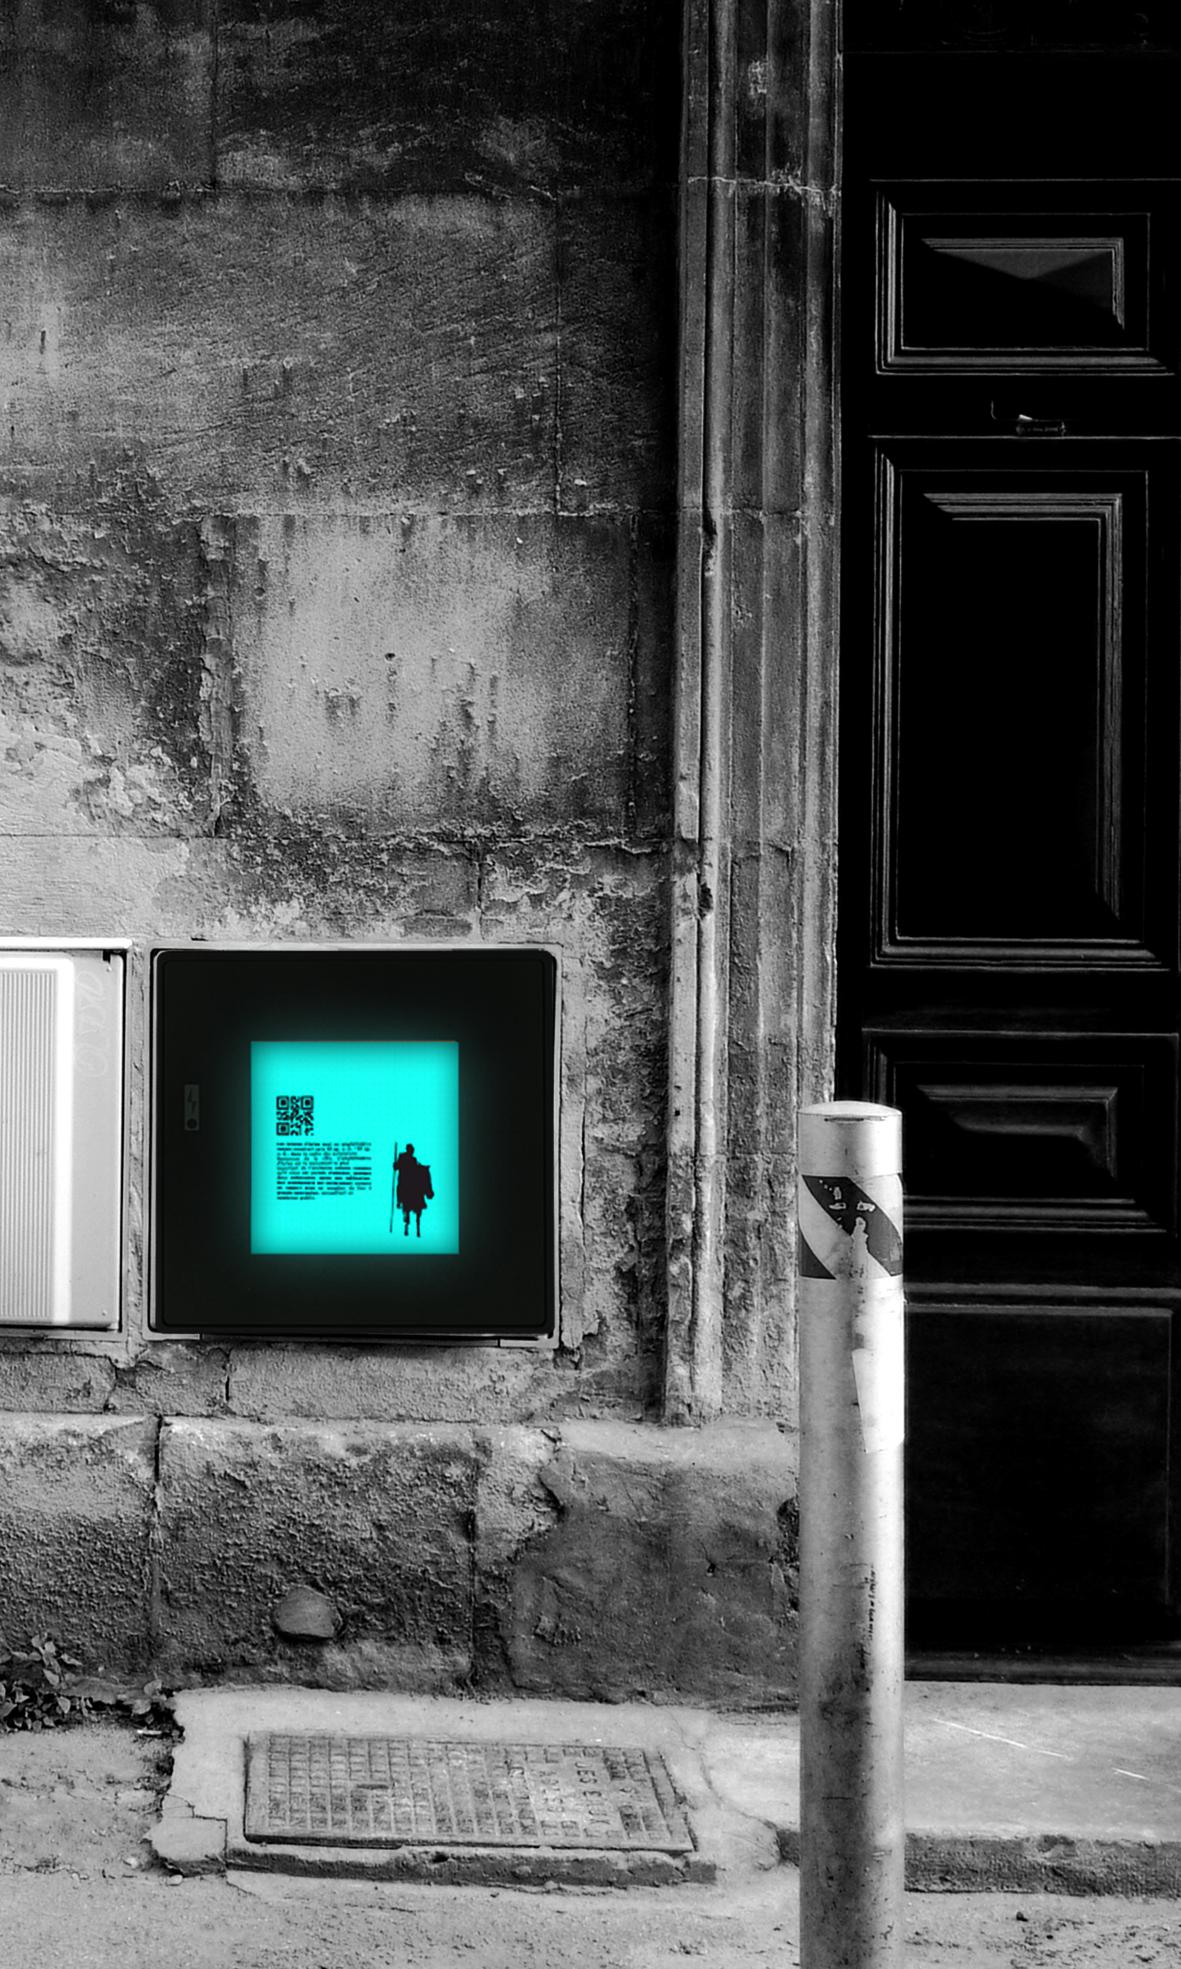 Tabaluz_Arles_1.jpg